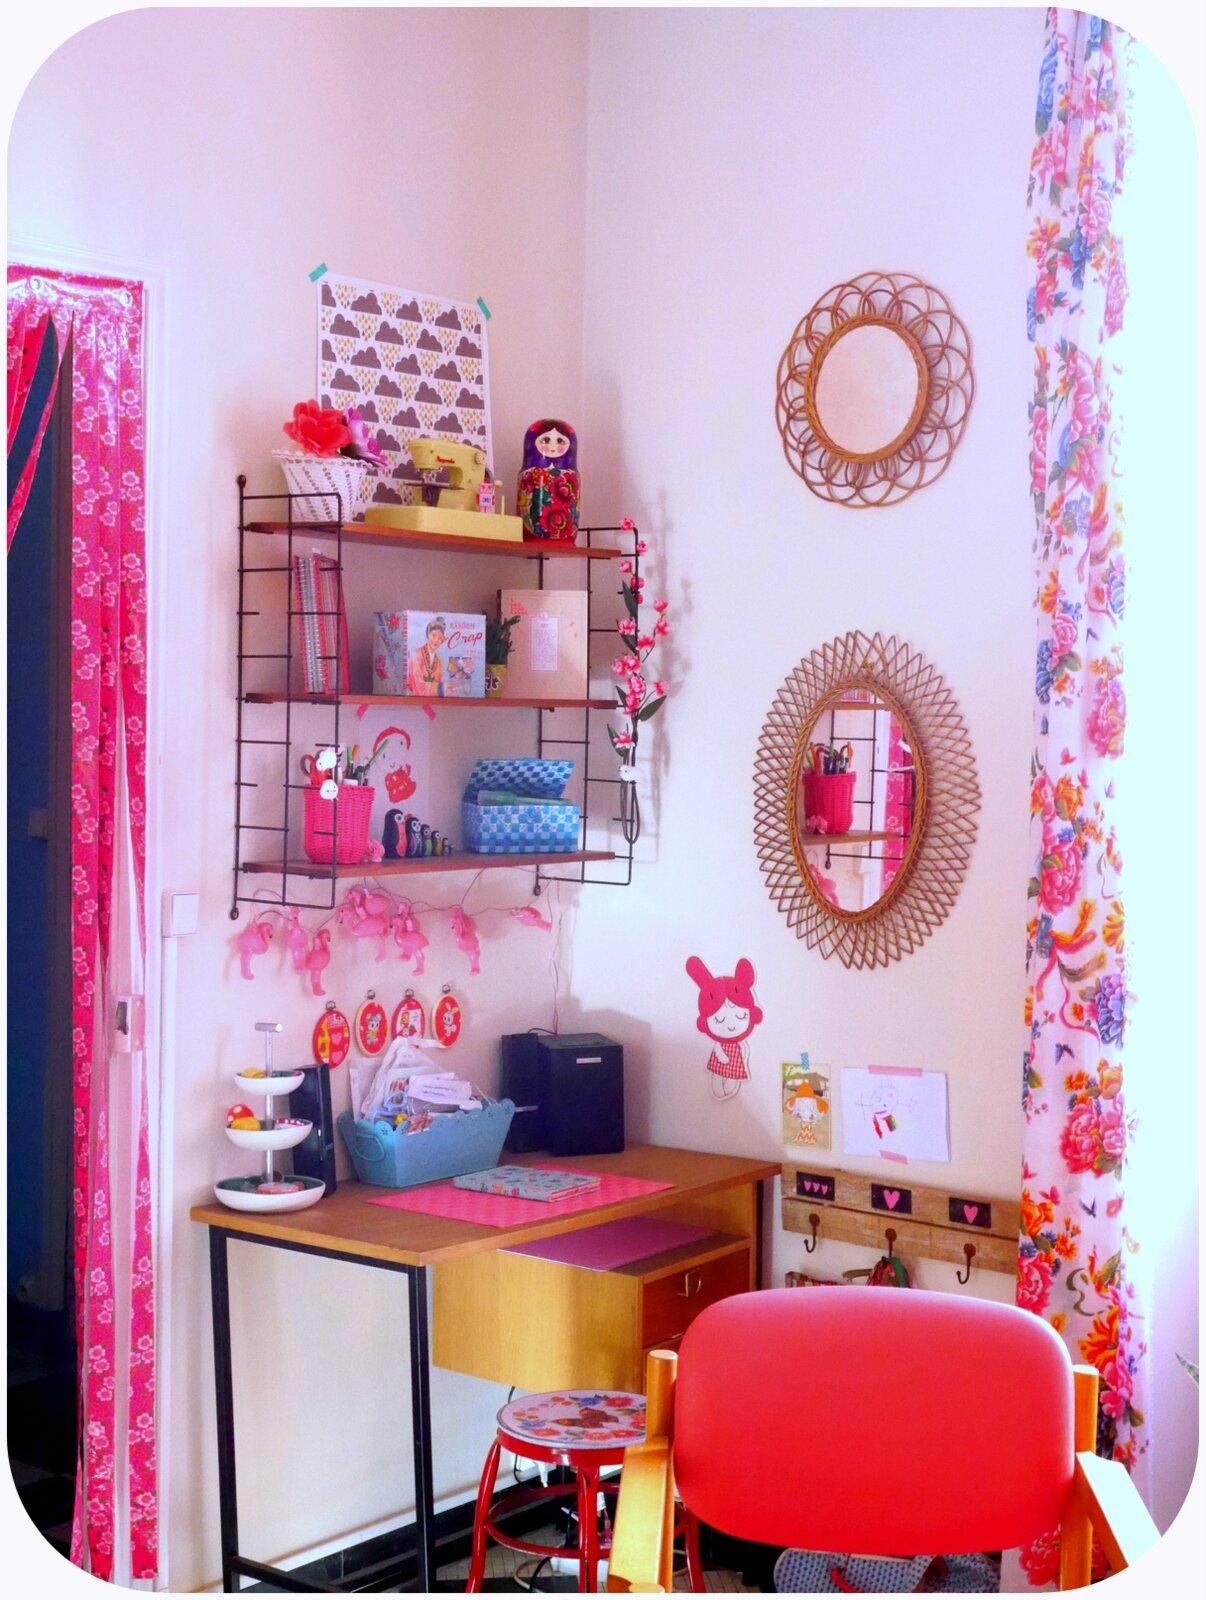 P1190690 photo de le petit paillette boutique paillette angers - Le petit salon angers ...